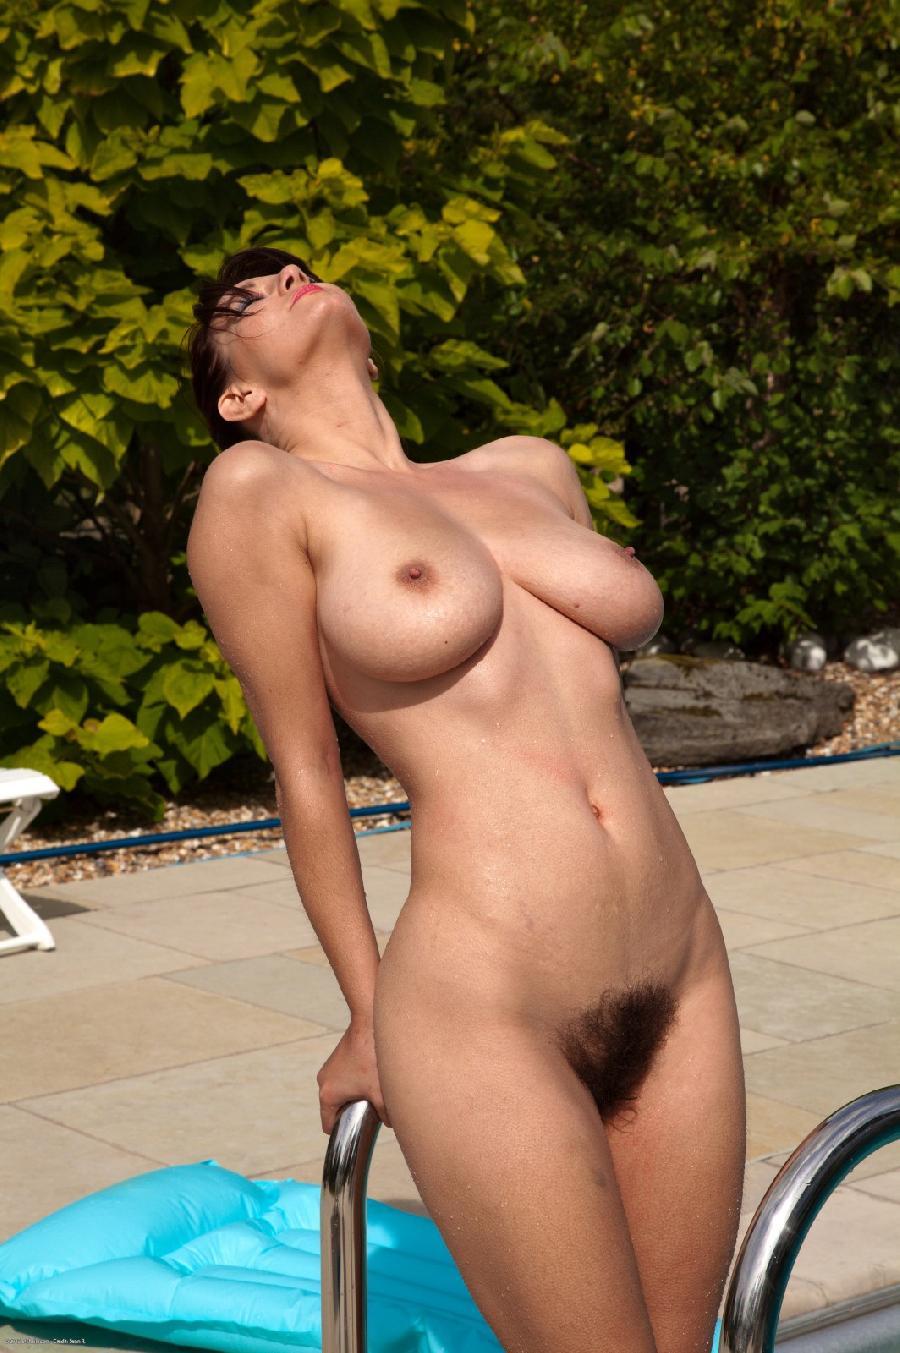 weekly_erotic_picdump_-_422014_78